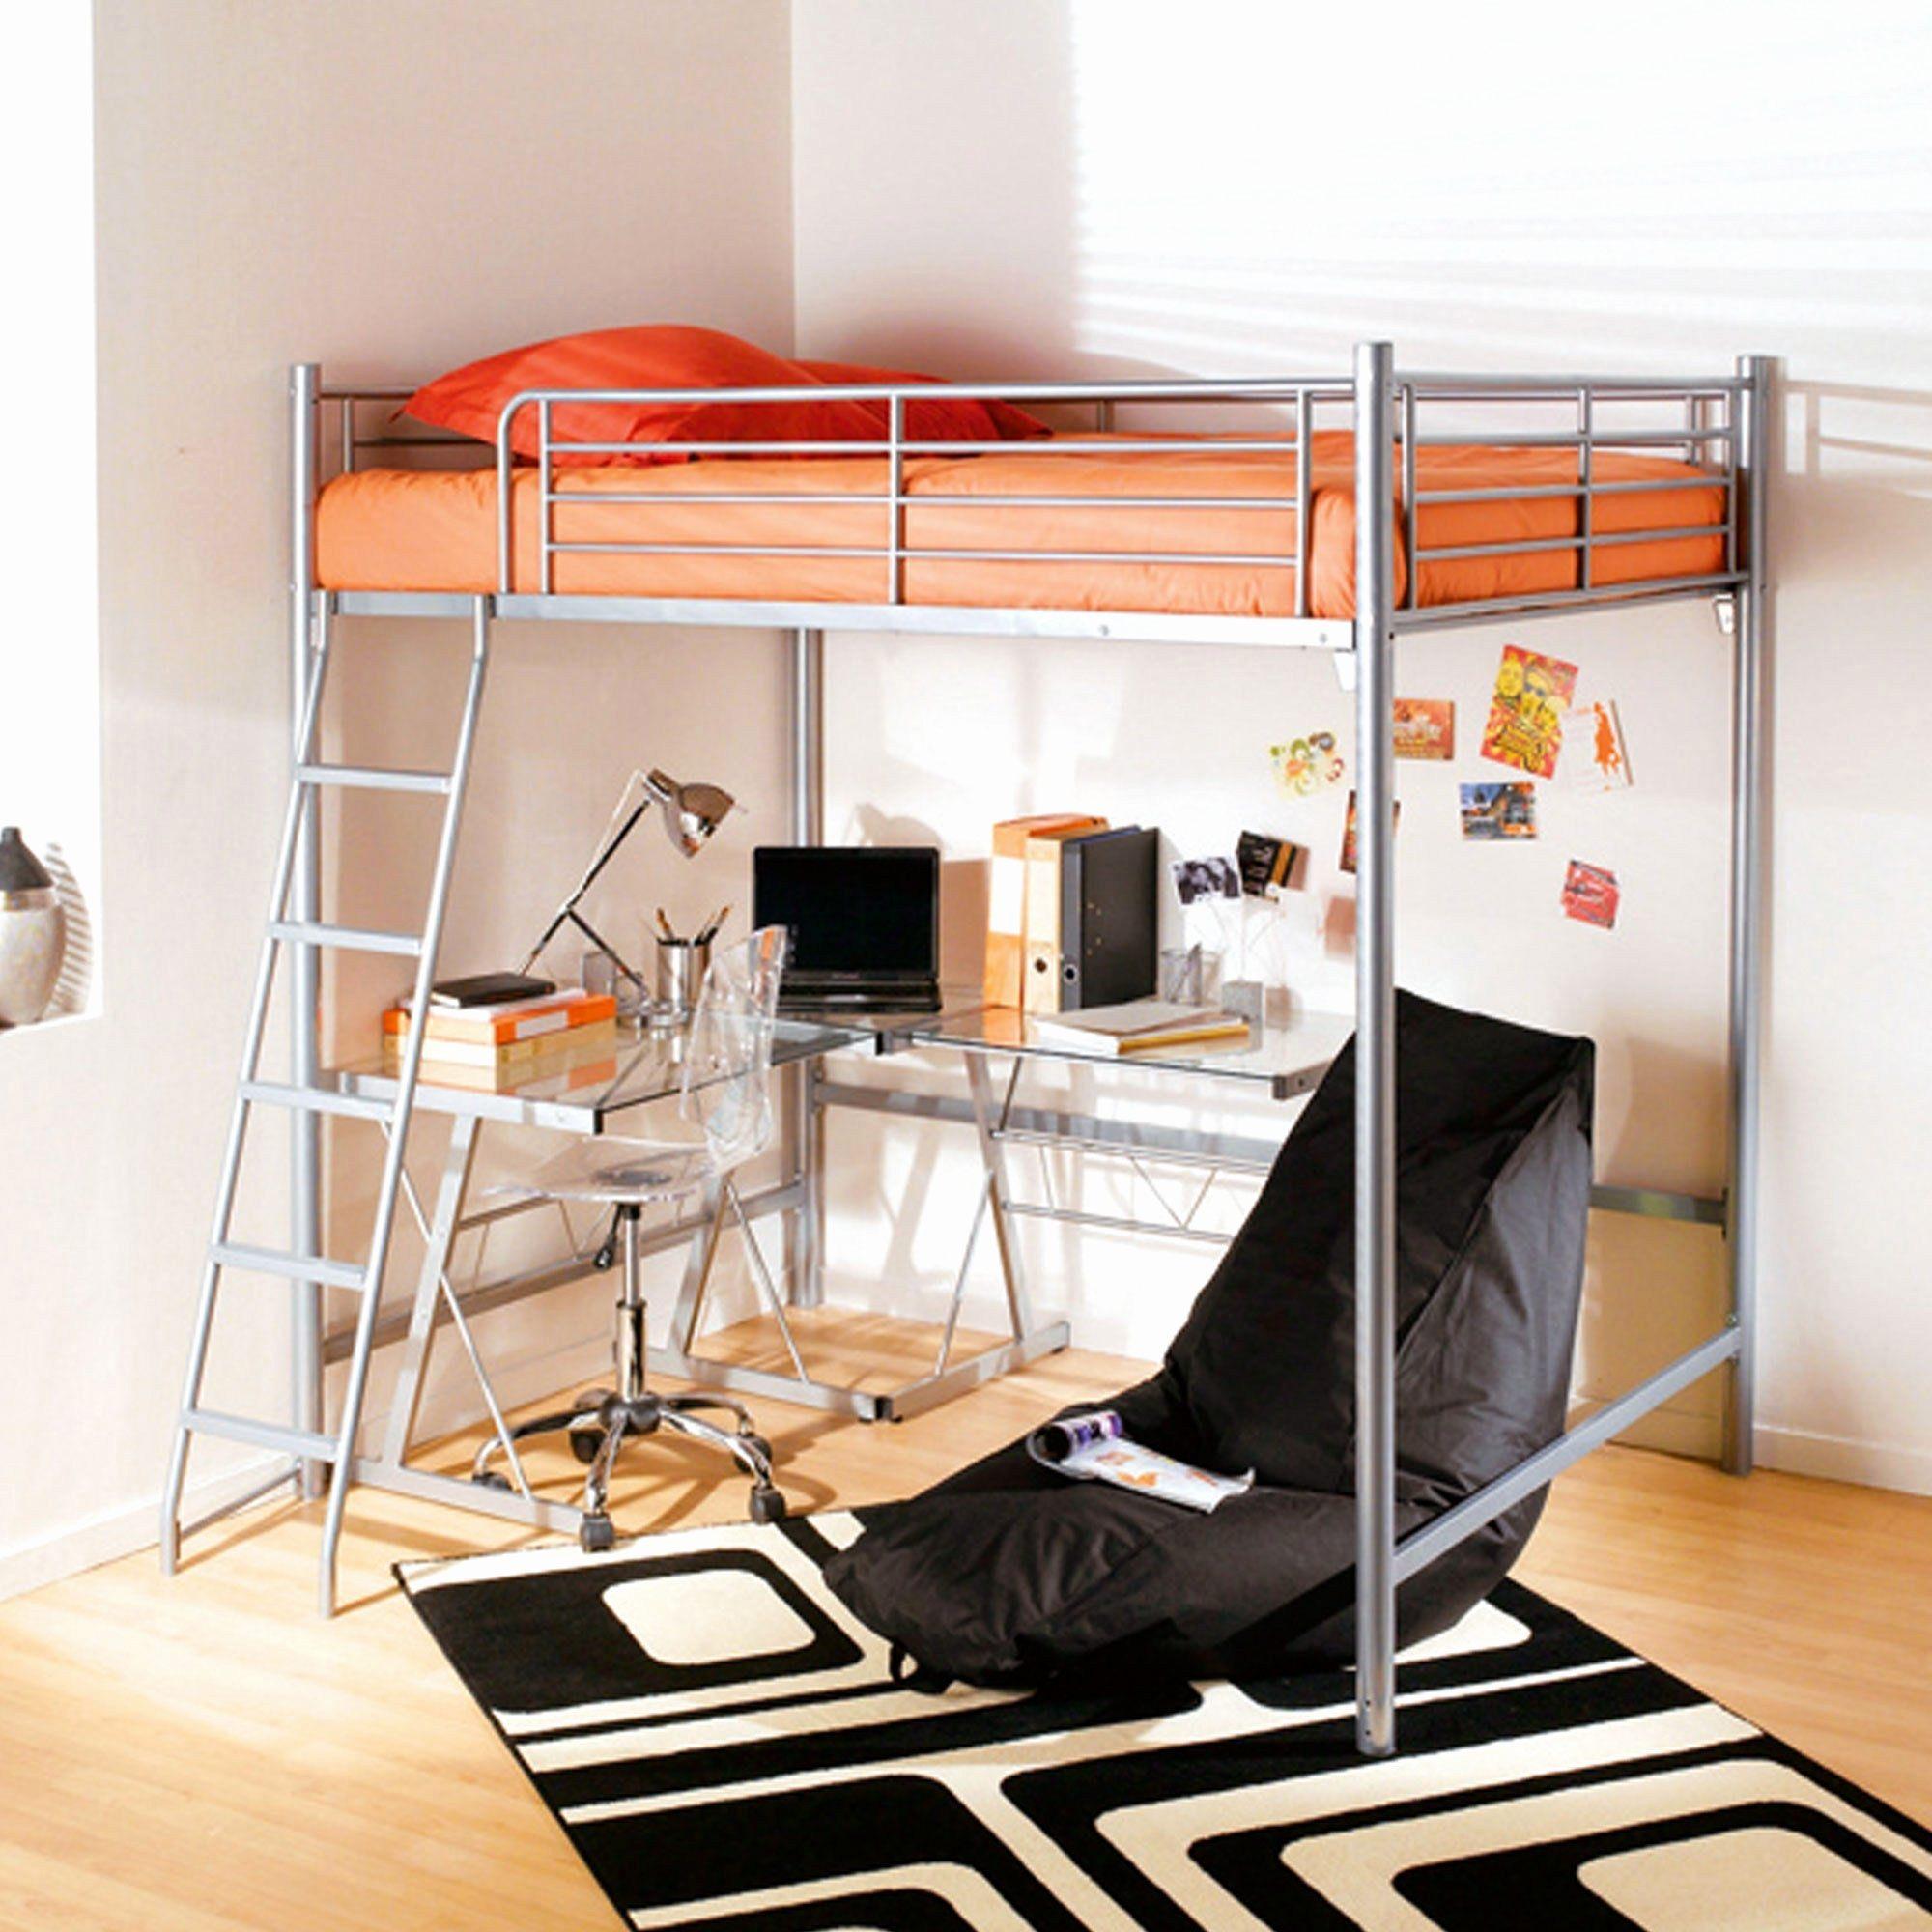 Divan Lit Ikea Fraîche Divan Lit Ikea Unique Lit Futon Ikea Unique Ikea Himmene sofa Bed